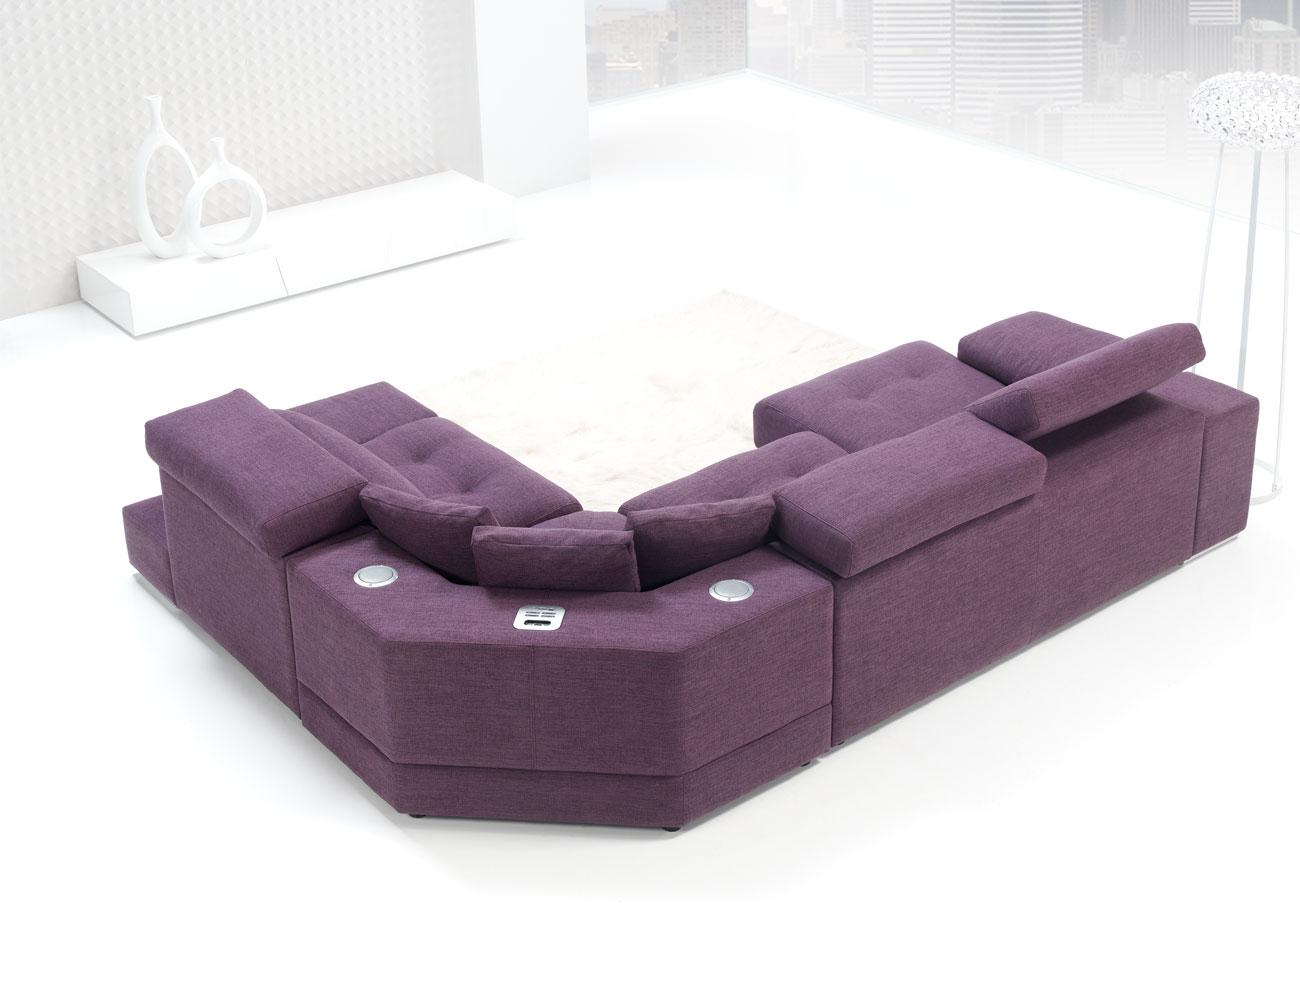 Sofa chaiselongue rincon con brazo mecanico tejido anti manchas 37